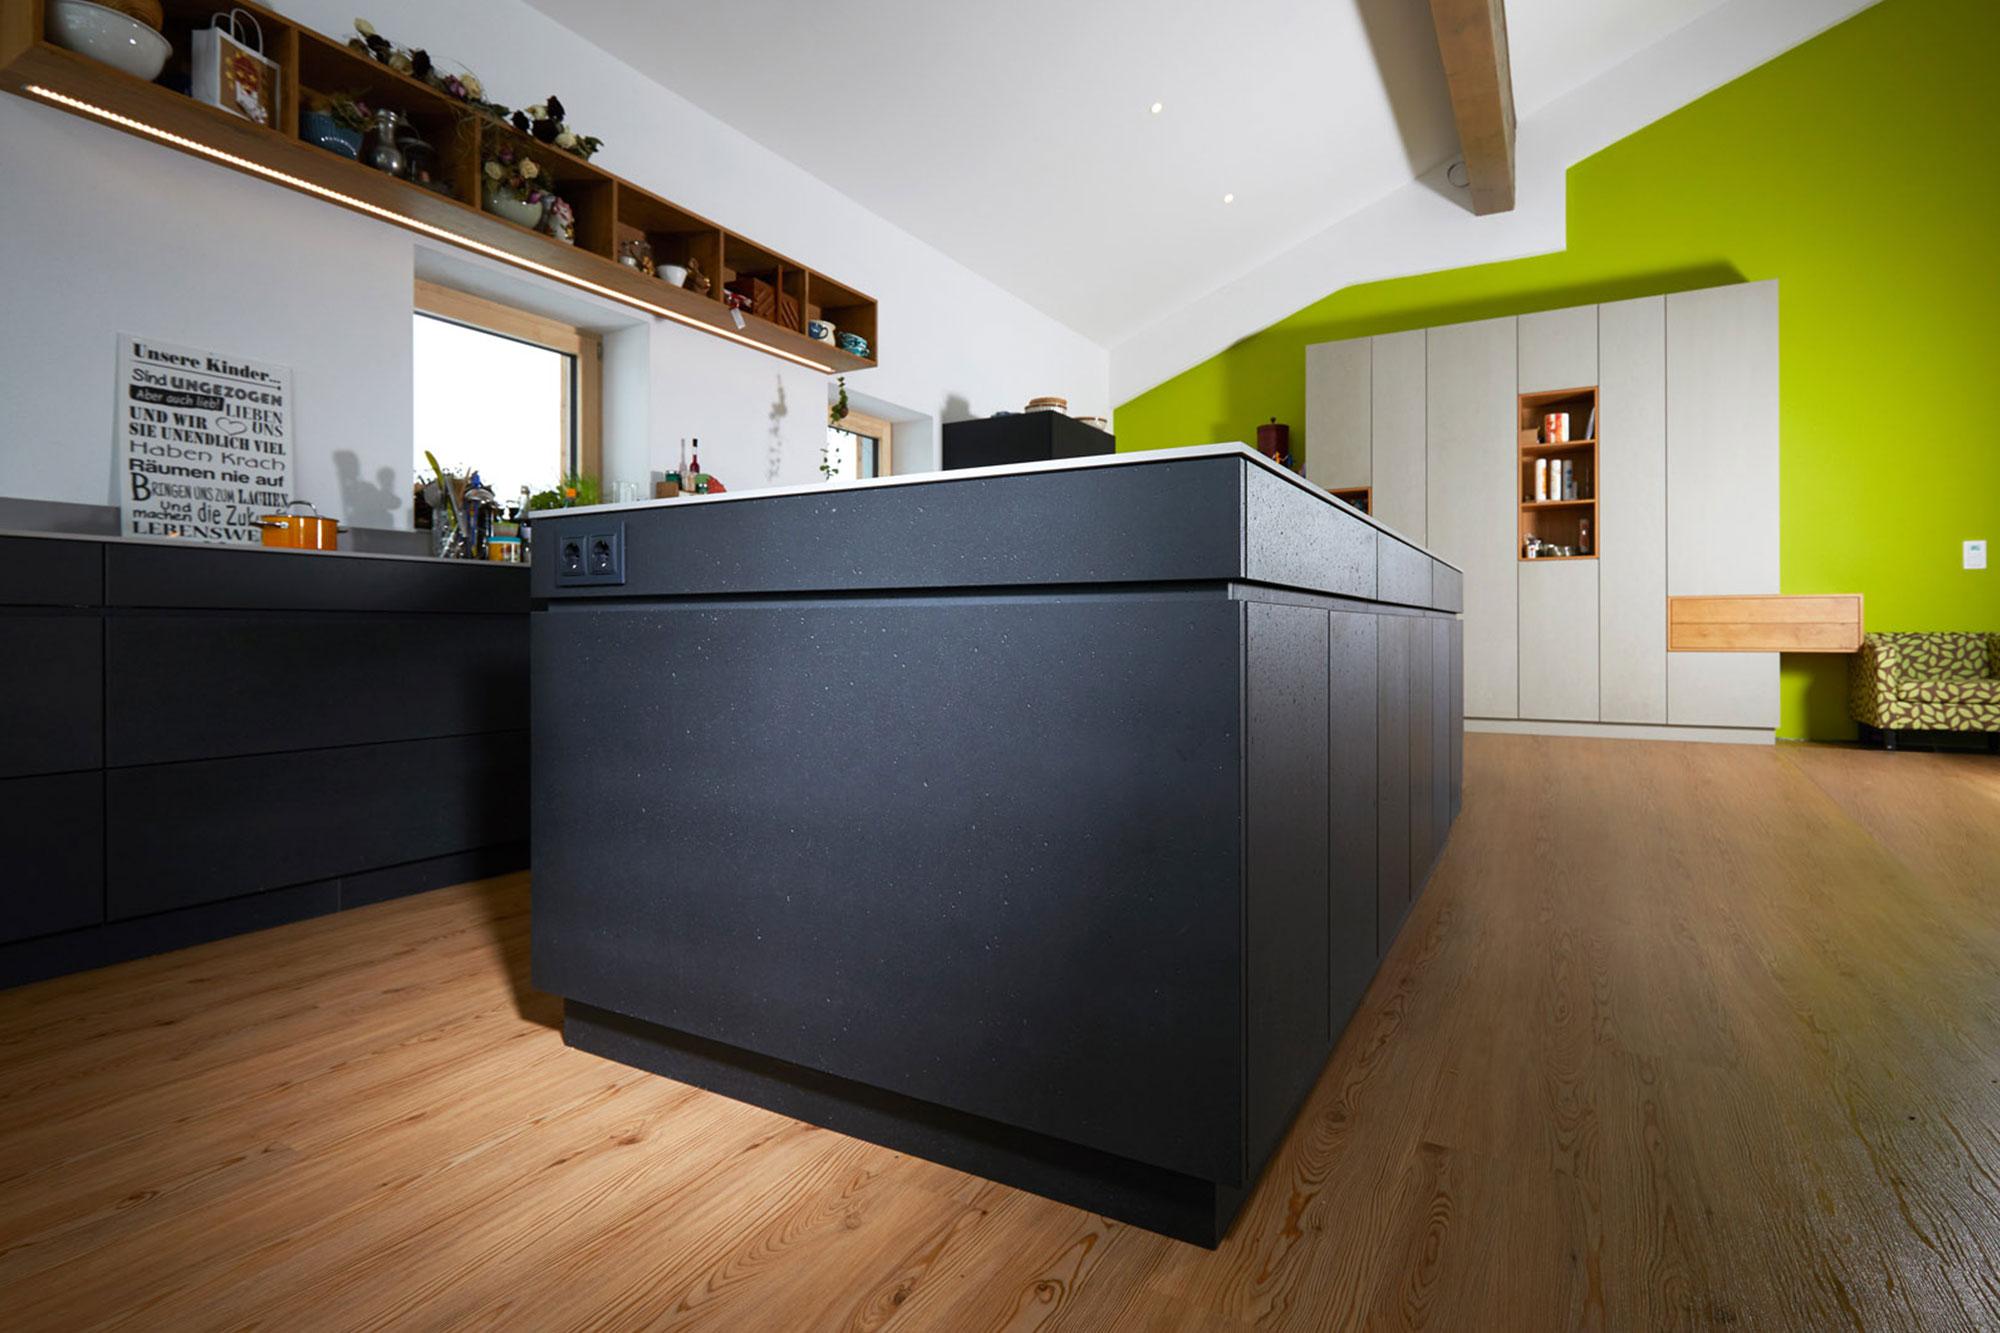 Tischlerei Stöckl Ebbs Wohnküche Echtbeton Inneneinrichtung Möbel Schränke Kücheninsel